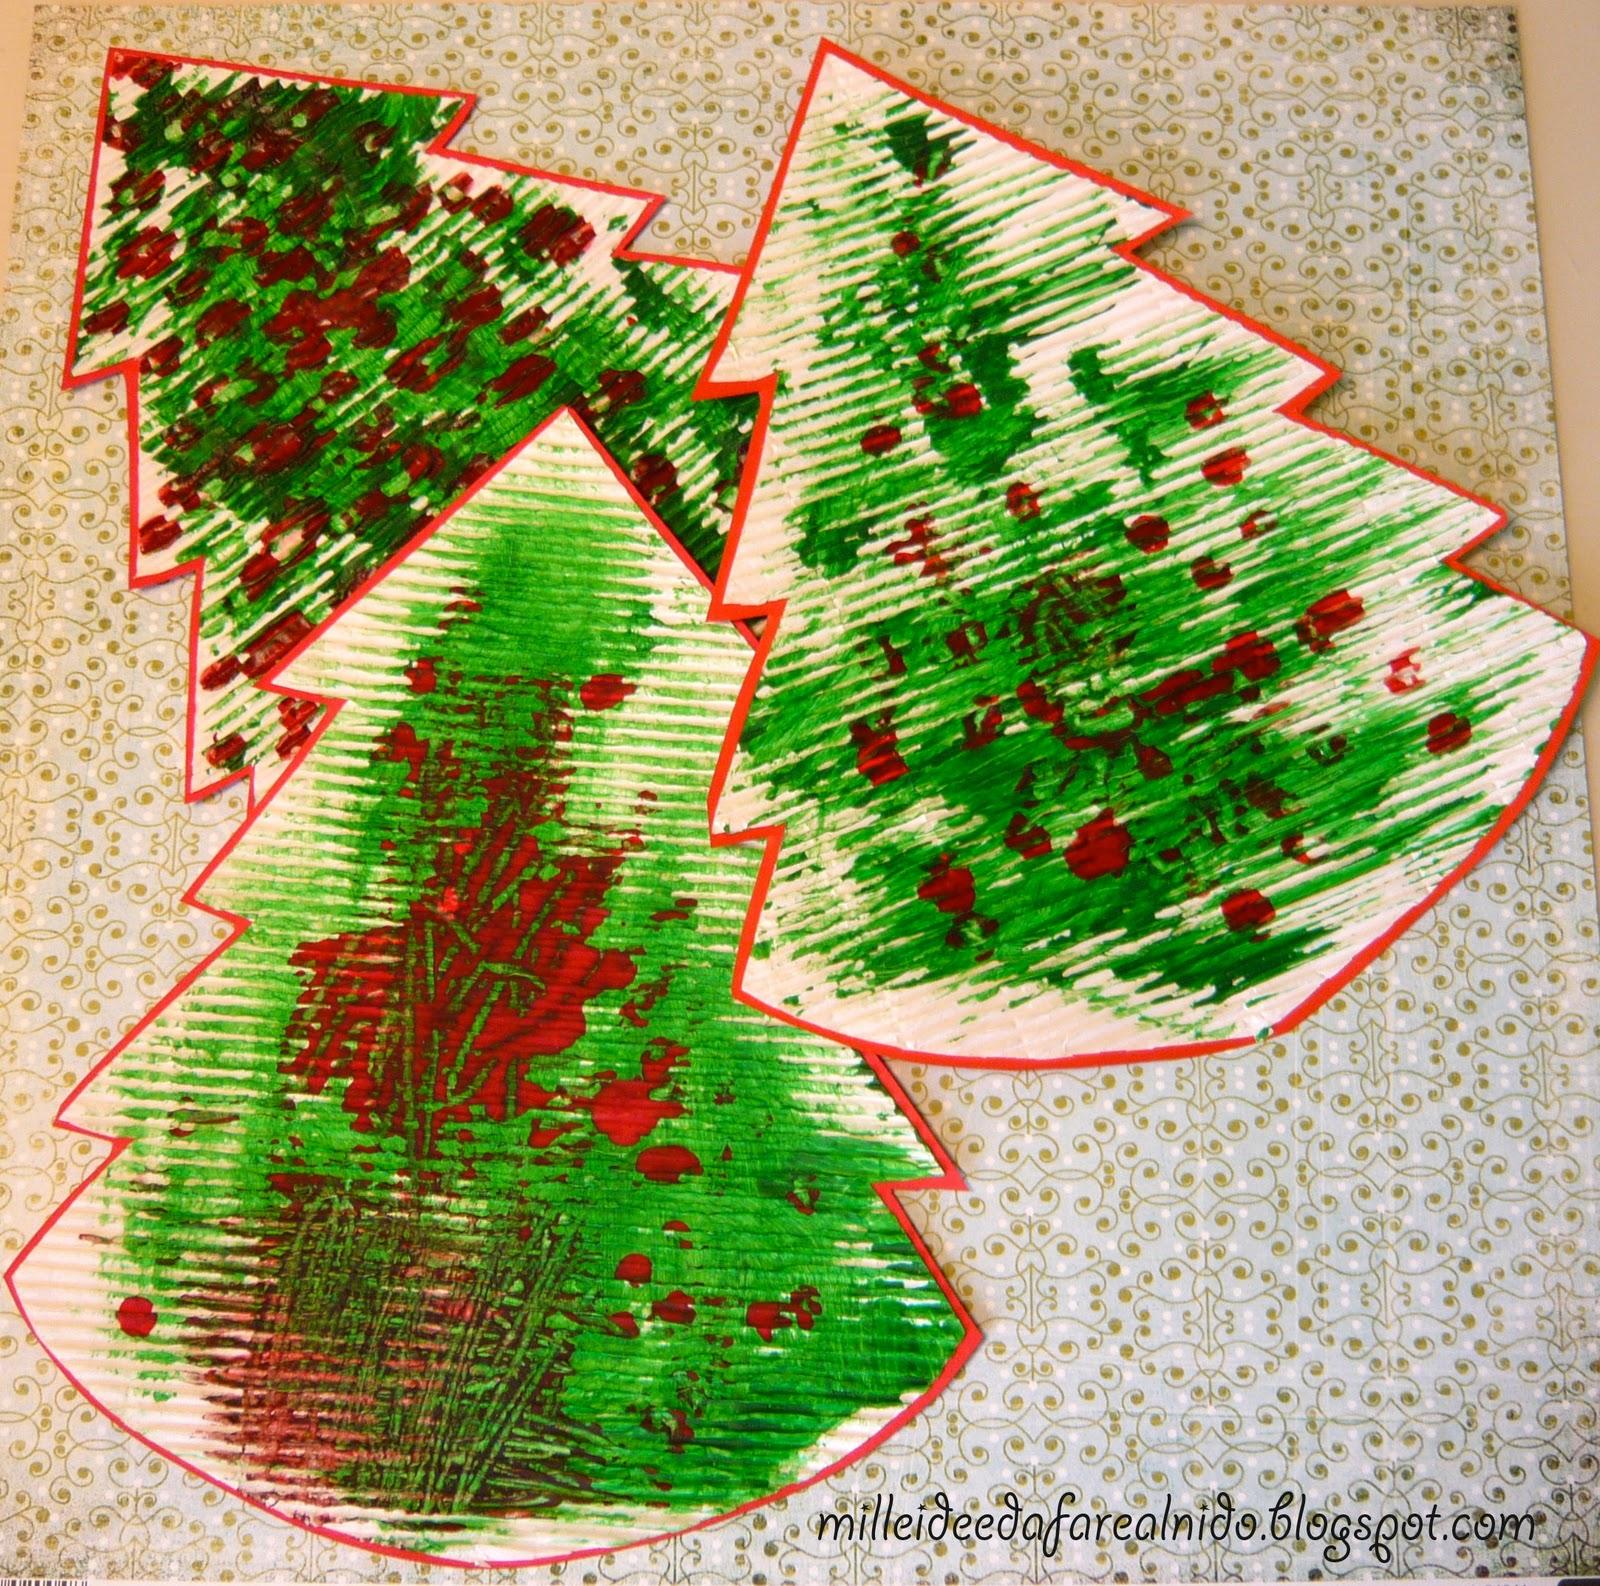 abbastanza Mille idee al nido: Alberelli colorati YL83